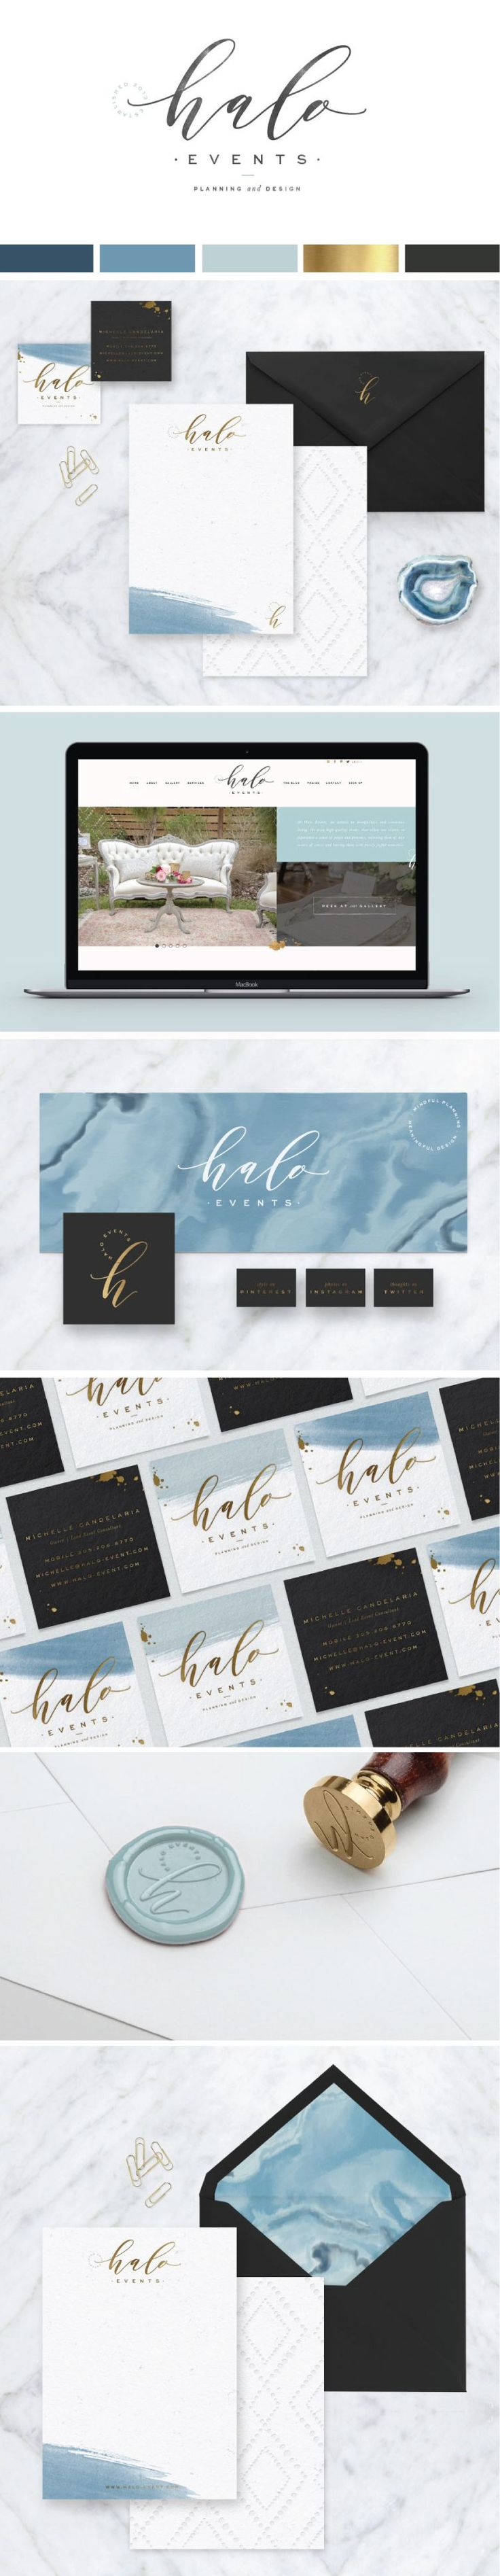 Halo Events :: Logo Design, Brand Board, Website Design - Saffron Avenue…